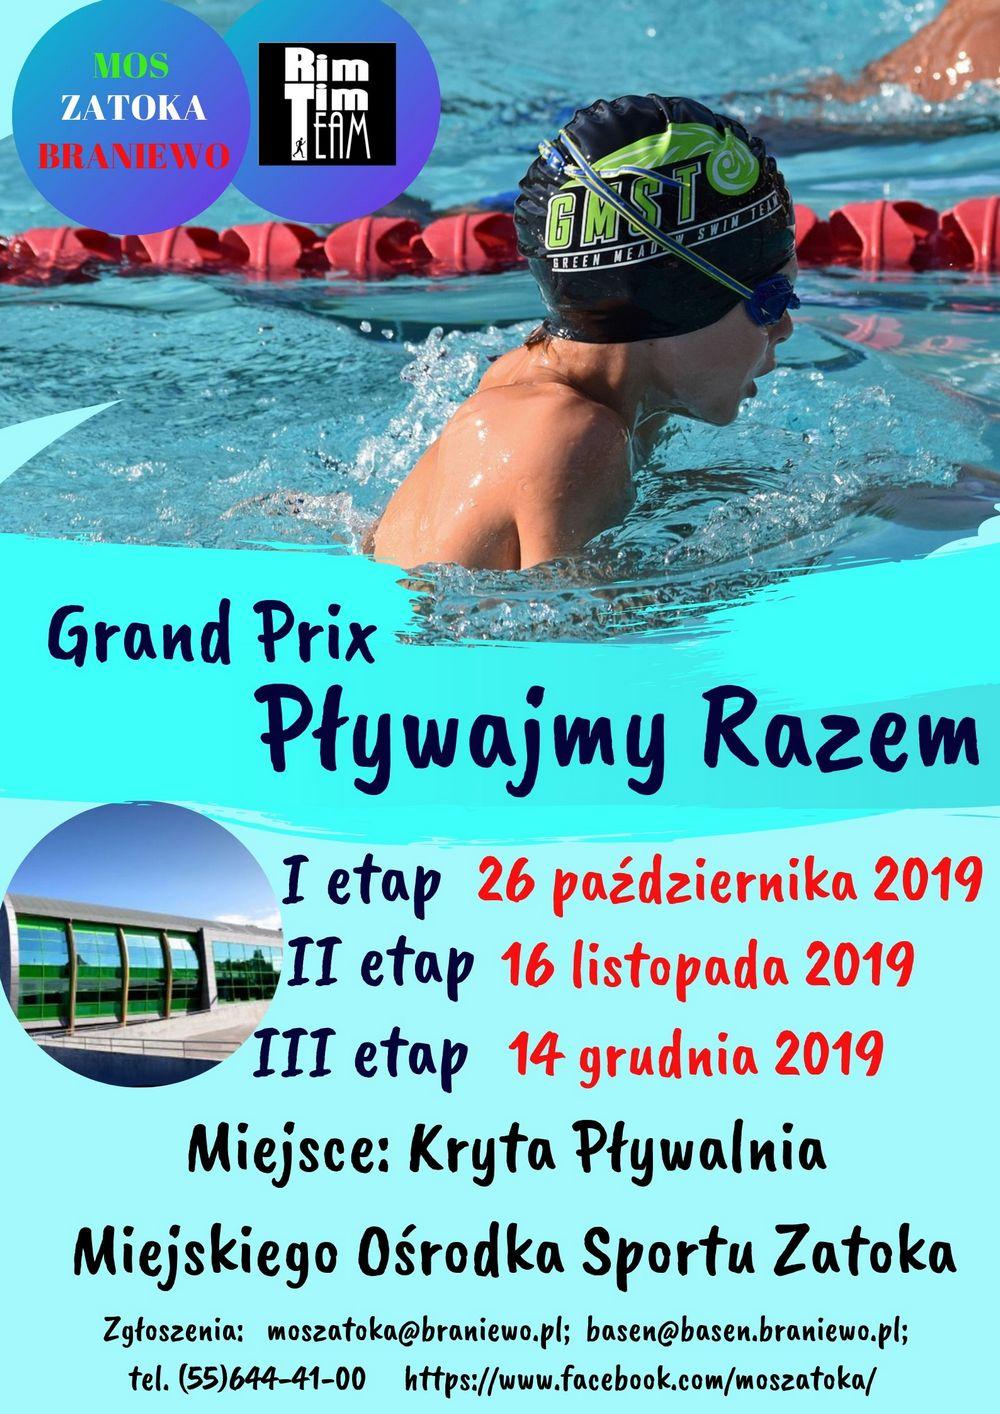 Grand Prix Pływajmy Razem, 1 etap 26 października 2019 r., 2 etap 16 listopada 2019 r., 3 etap 14 grudnia 2019 r., miejsce: Kryta Pływalnia Miejskiego Ośrodka Sportu Zatoka